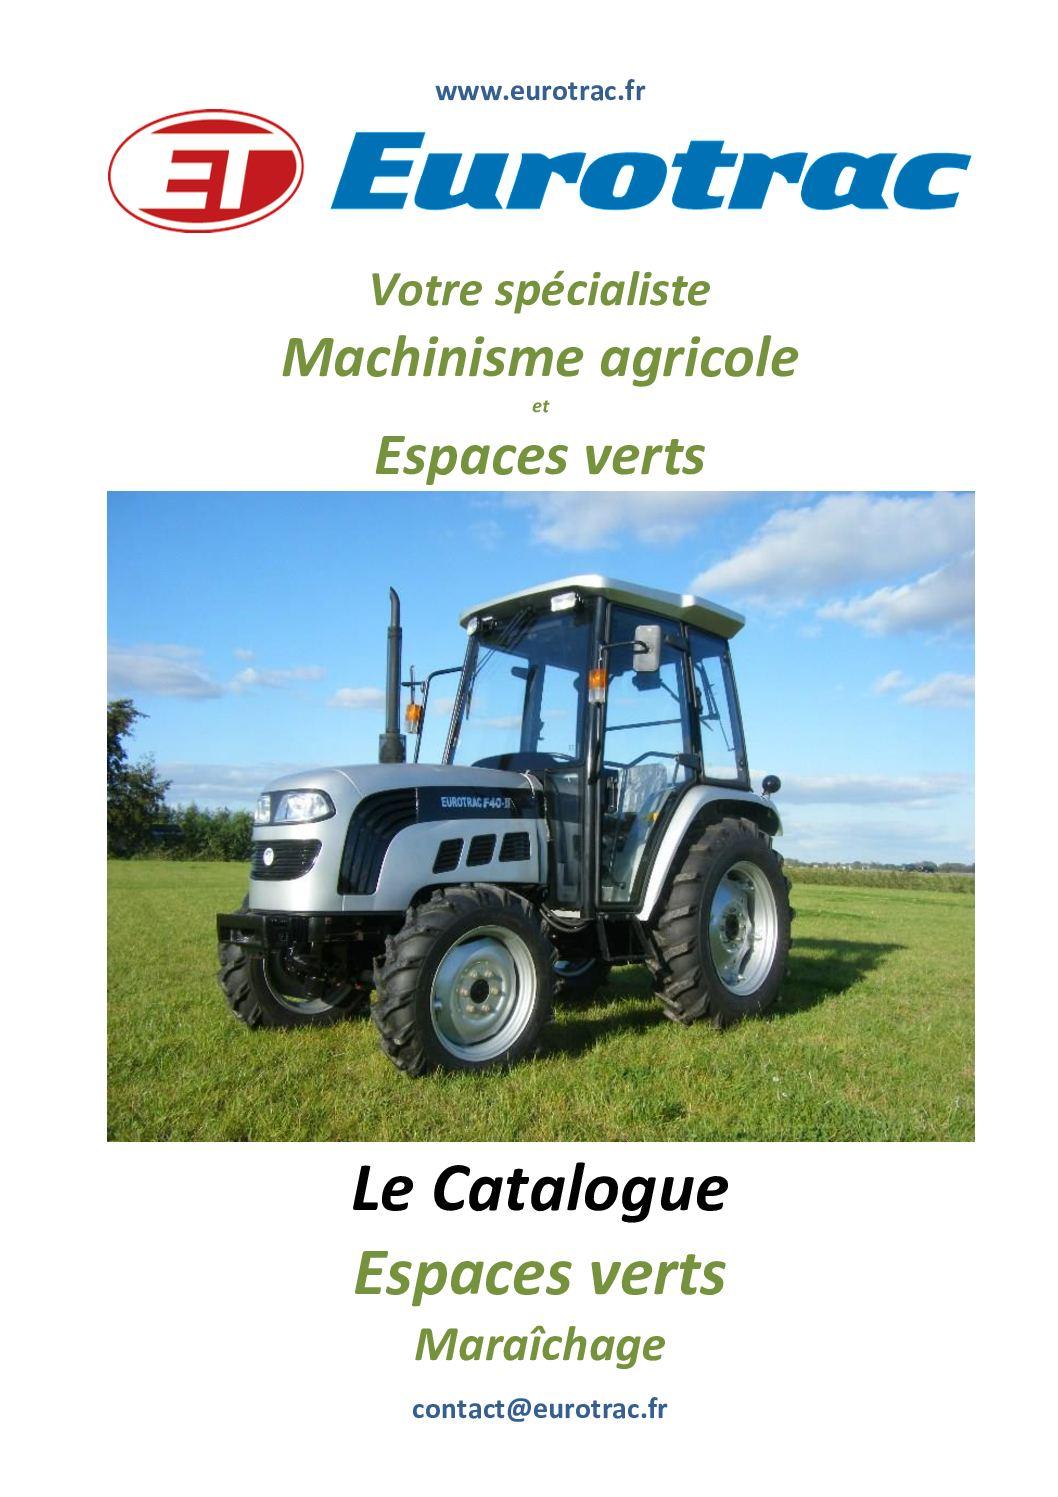 Calam o catalogue espaces verts maraichage eurotrac for Ab espace vert